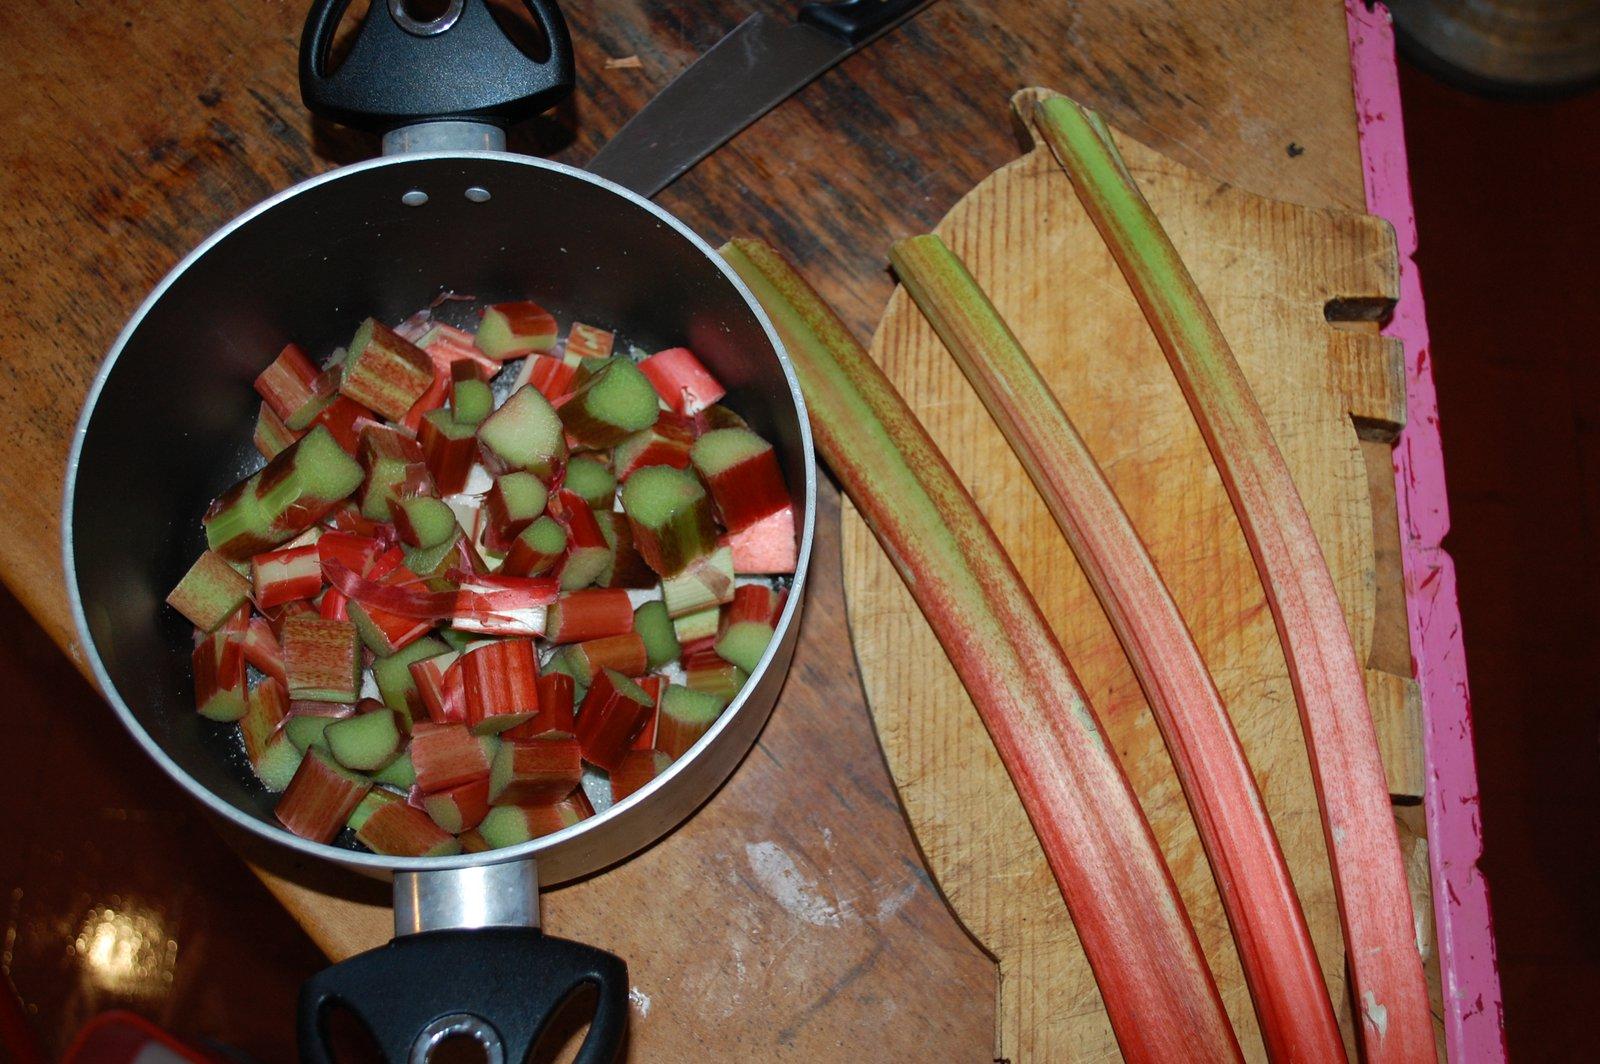 Chopped Rhubarb For Making Crumble